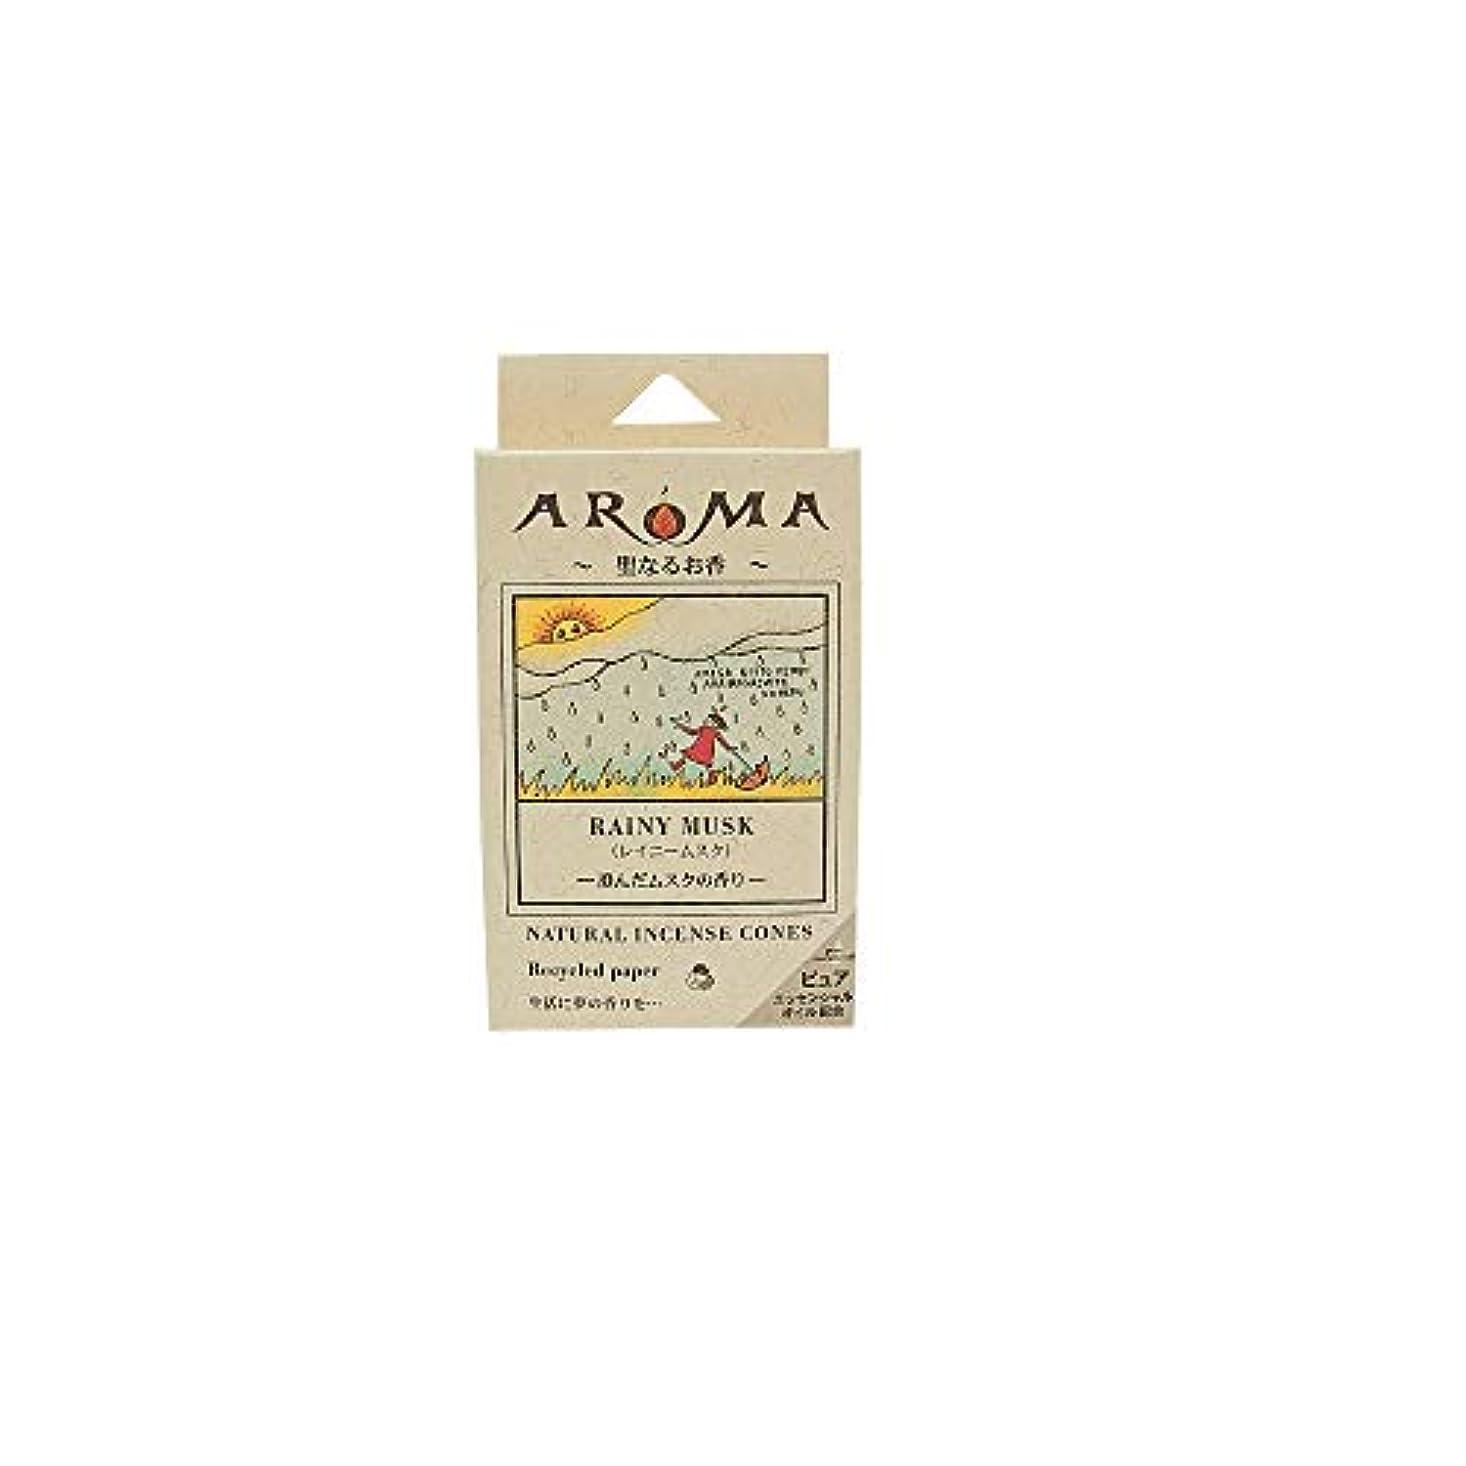 クレーター少ない抗生物質アロマ香 レイニームスク 16粒(コーンタイプインセンス 1粒の燃焼時間約20分 澄んだムスクの香り)